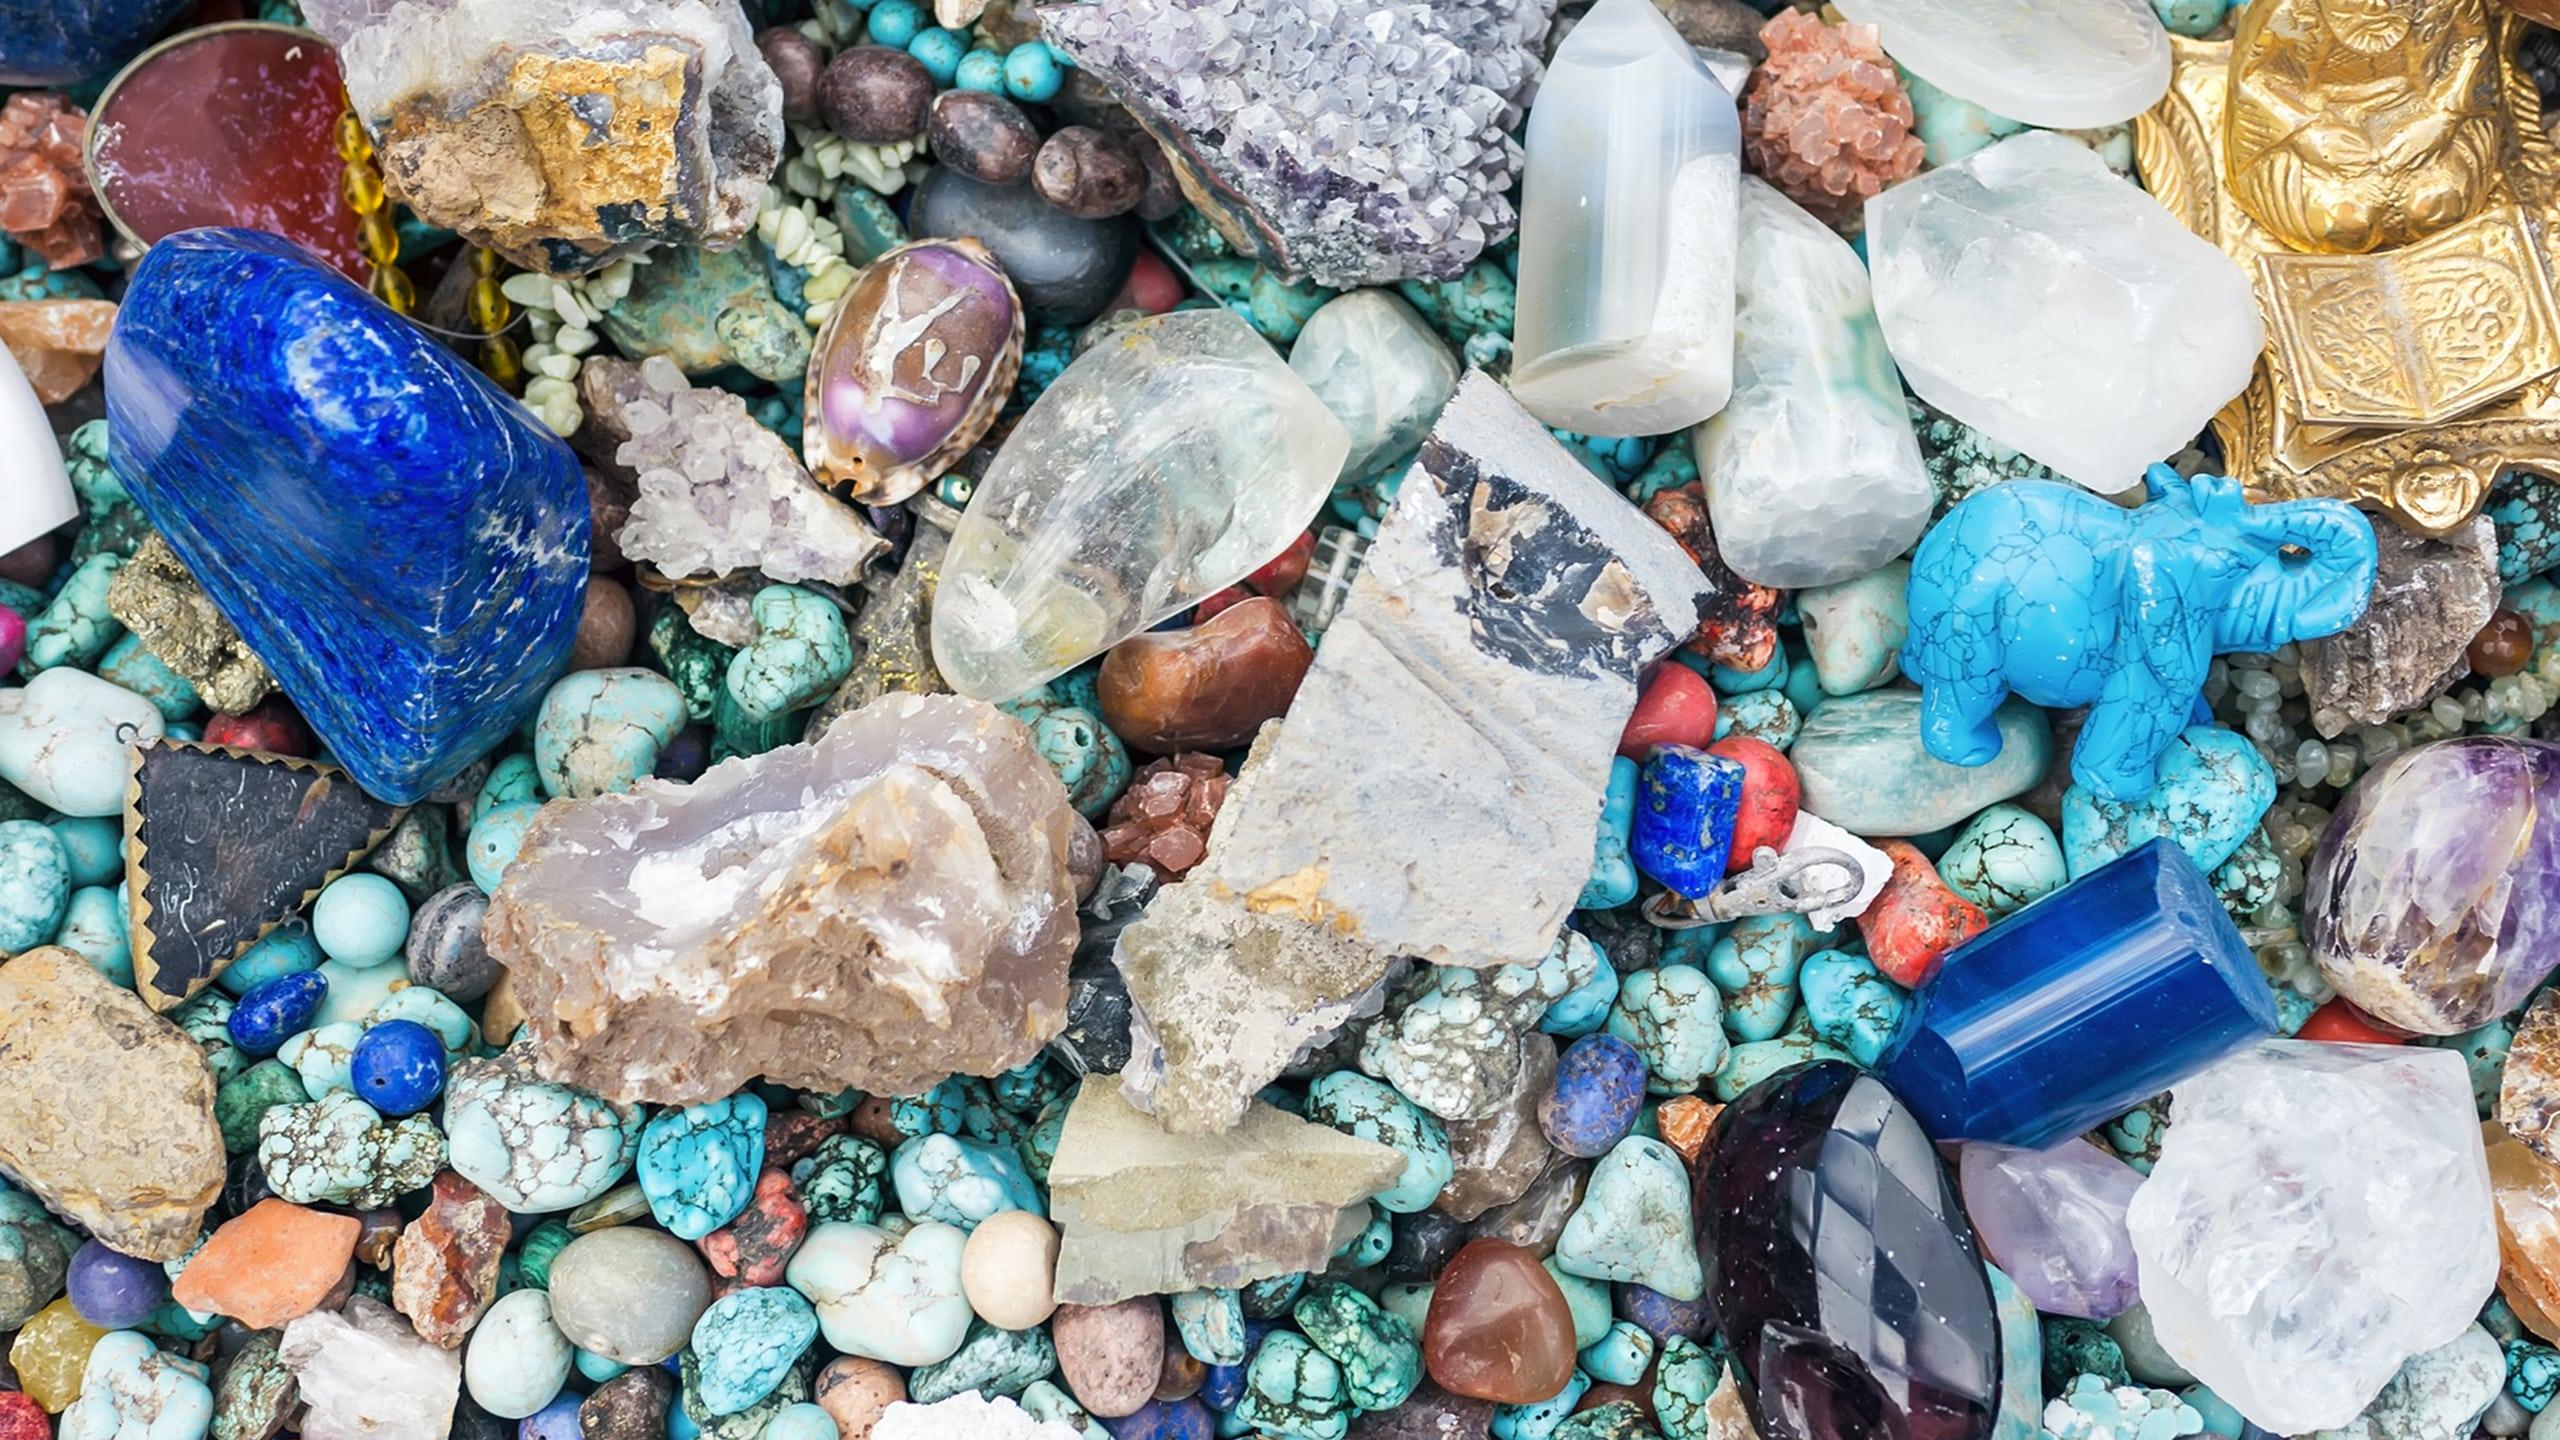 Kristallen, stenen en kralen oftewel dingetjes met heel veel kleuren